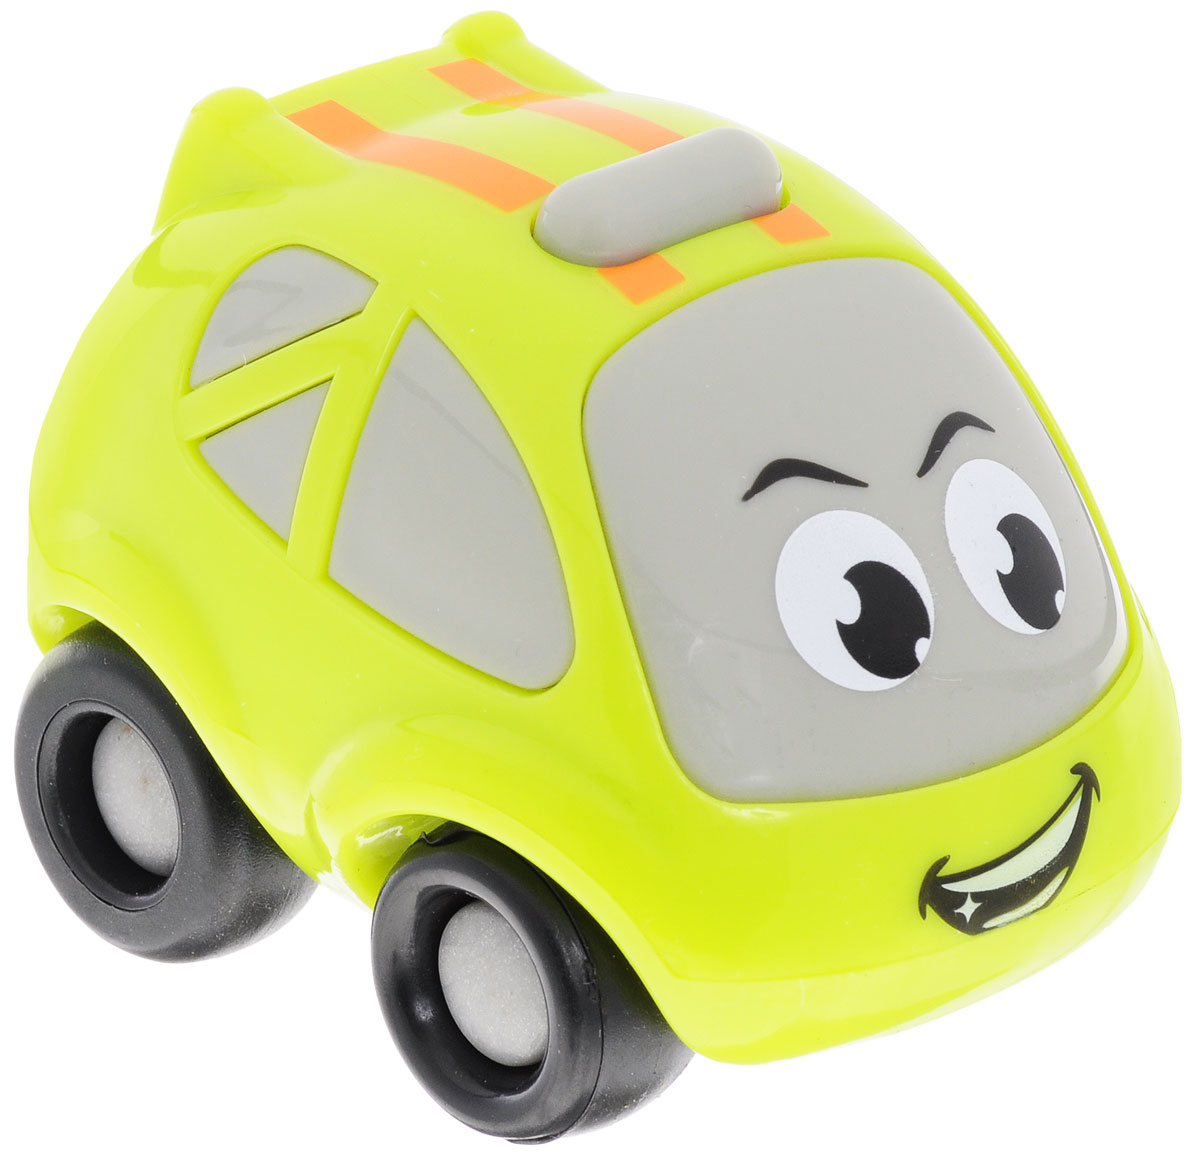 Smoby Машинка с моторчиком Vroom Planet smoby машинка vroom planet цвет красный желтый